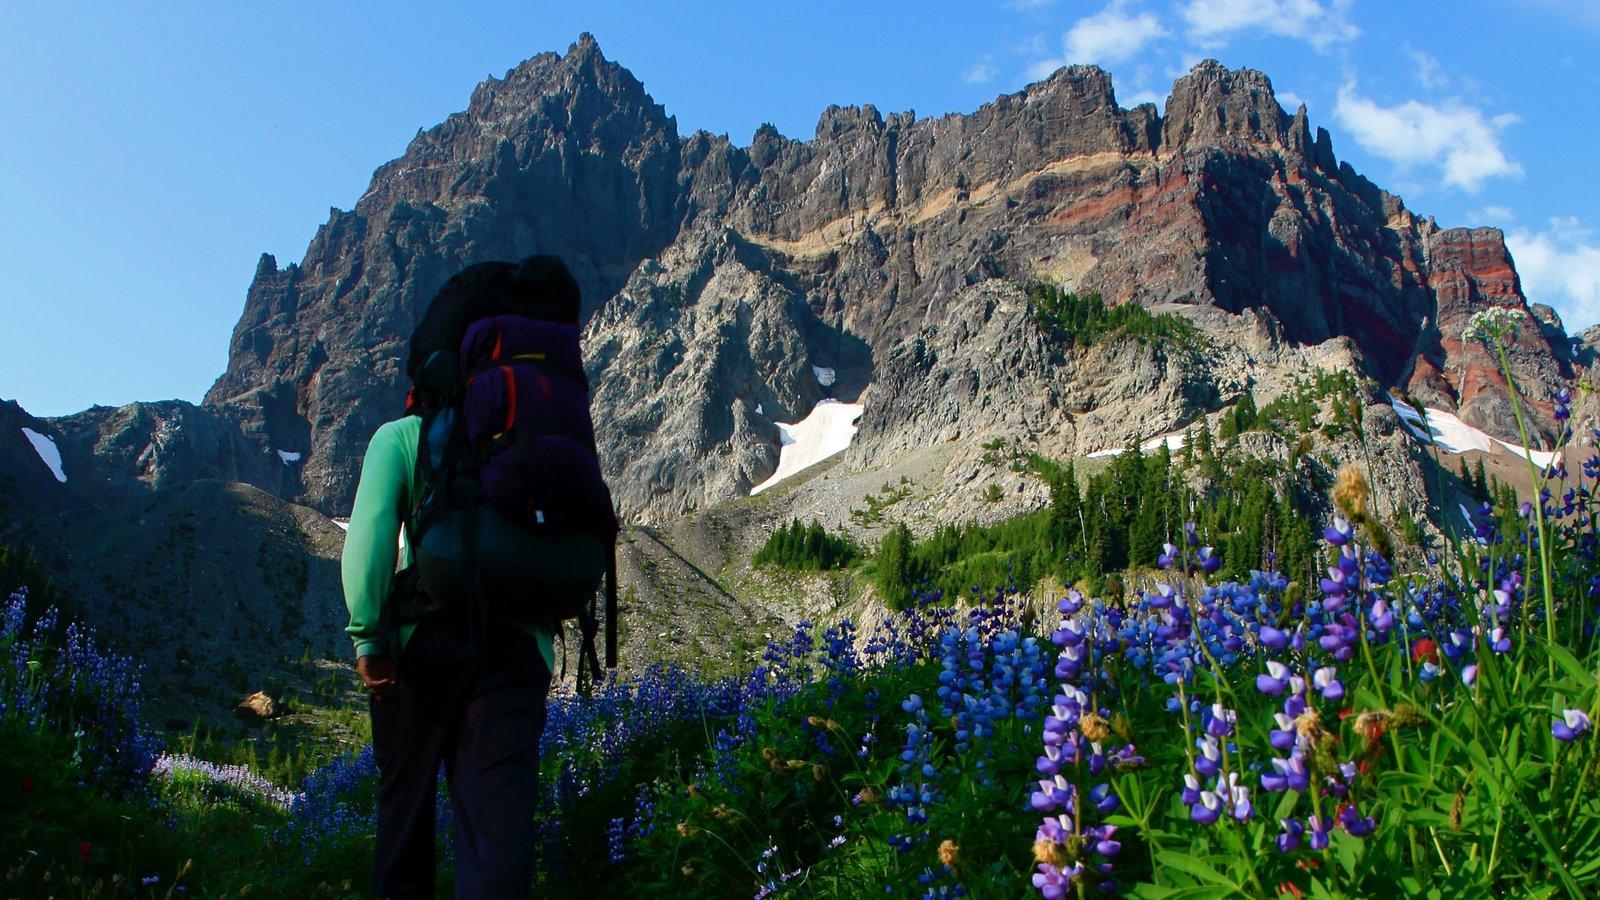 Bend que incluye senderismo o caminata, montañas y flores silvestres